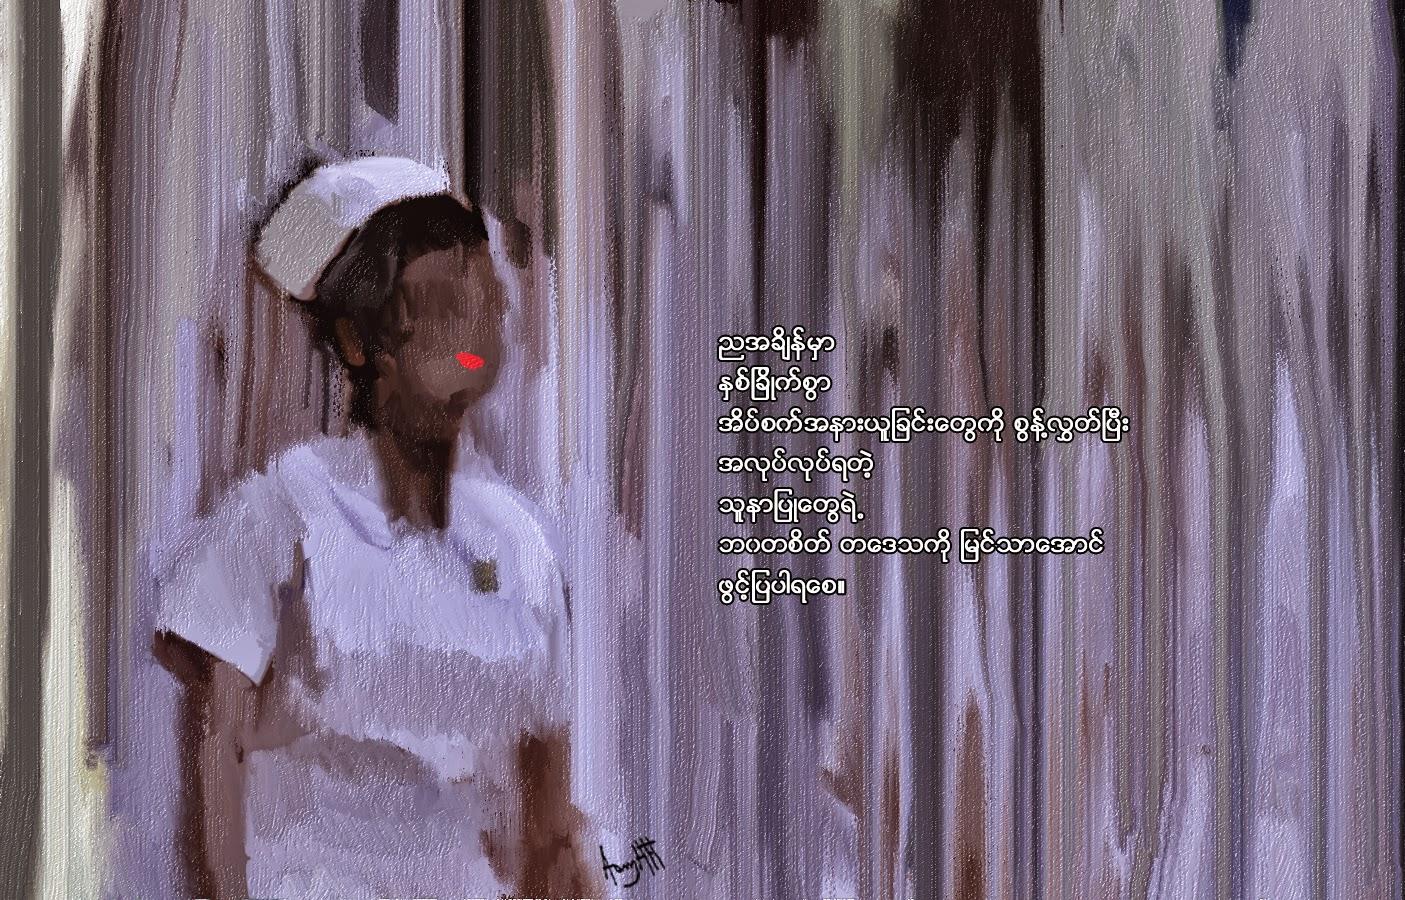 စံပယ္ျဖဴ – ထိုင္လွ်က္ အိပ္တတ္သူတို႔အေၾကာင္း